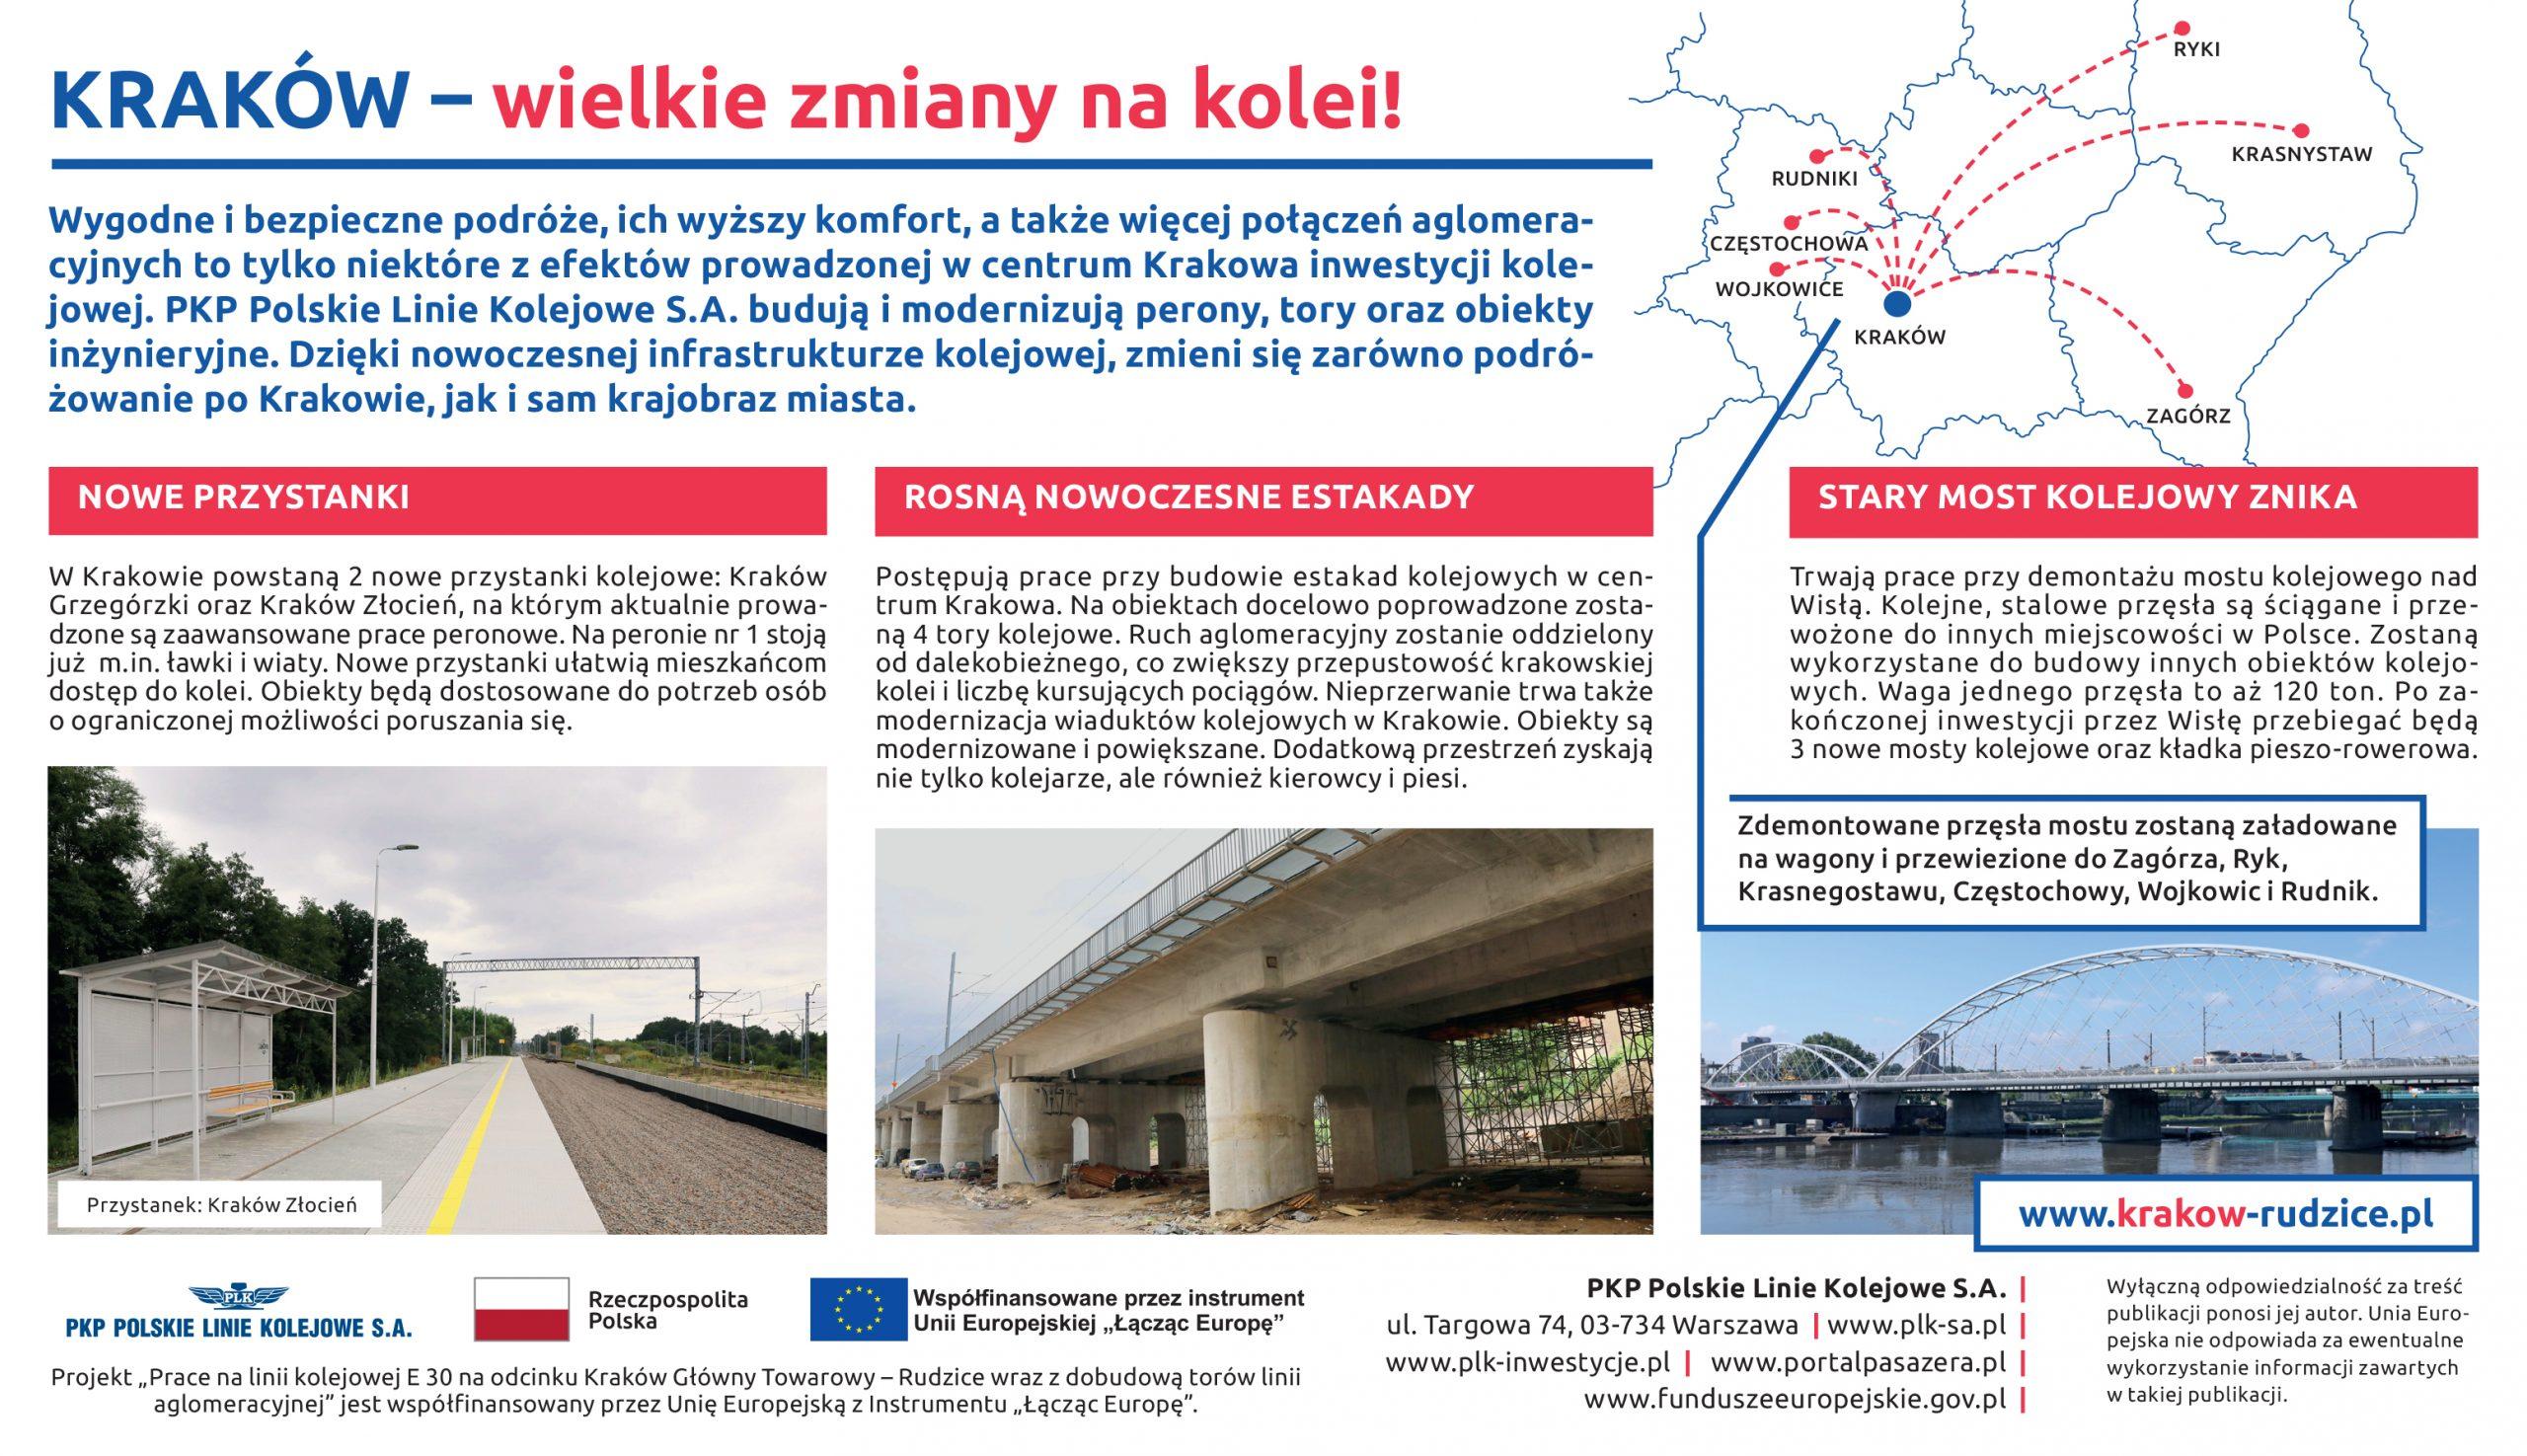 Artykuł o modernizacji linii Kraków - Rudzice opublikowany w Gazecie Krakowskiej i Dzienniku Polskim 25.08.2020 r. i Dzienniku Polskim